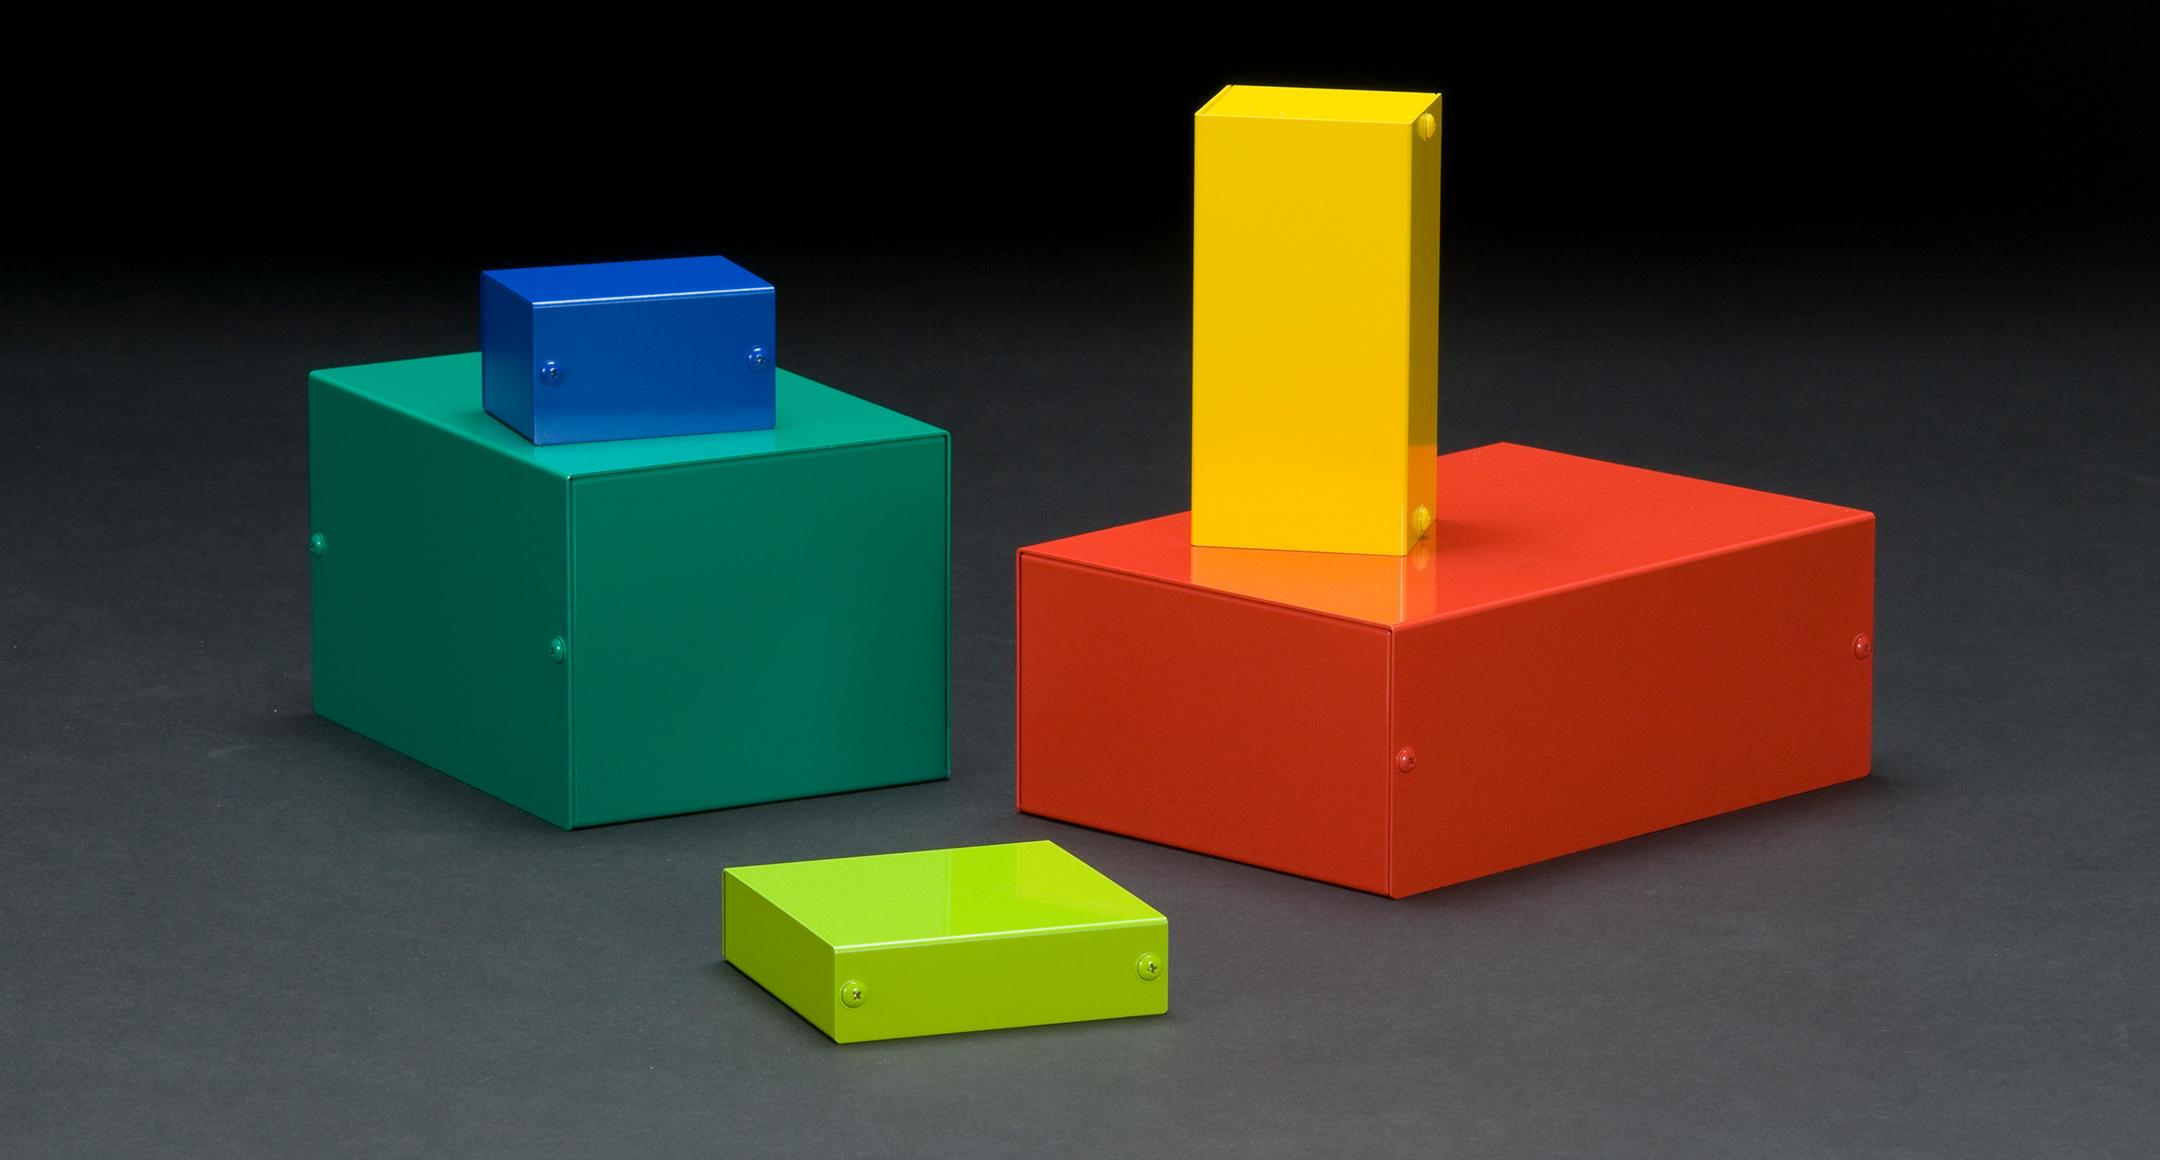 アルミケース 低価格型 MBシリーズの画像